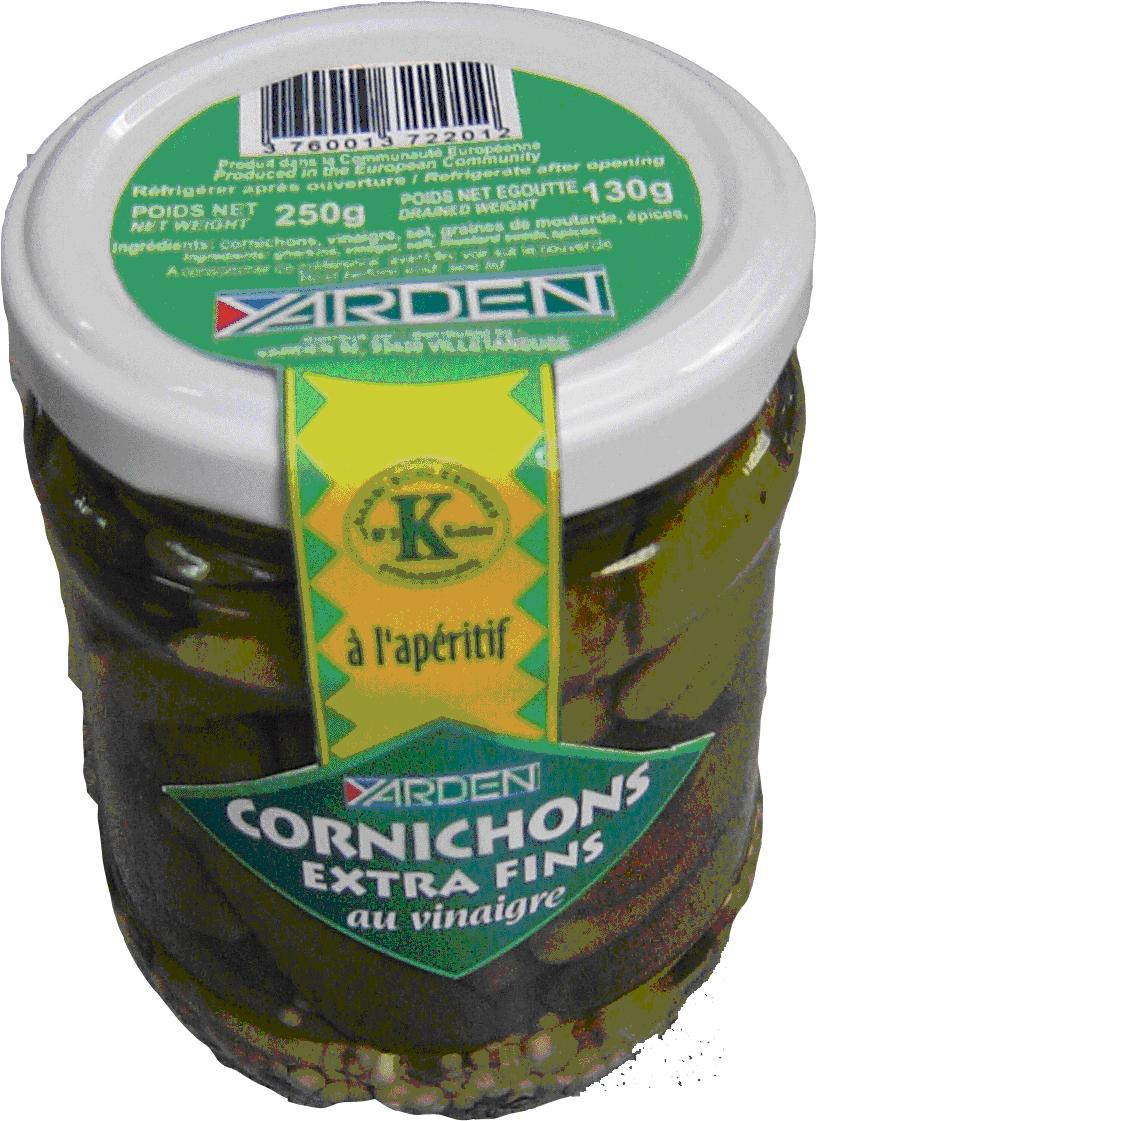 Cornichons fins au vinaigre, Yarden (340 g)